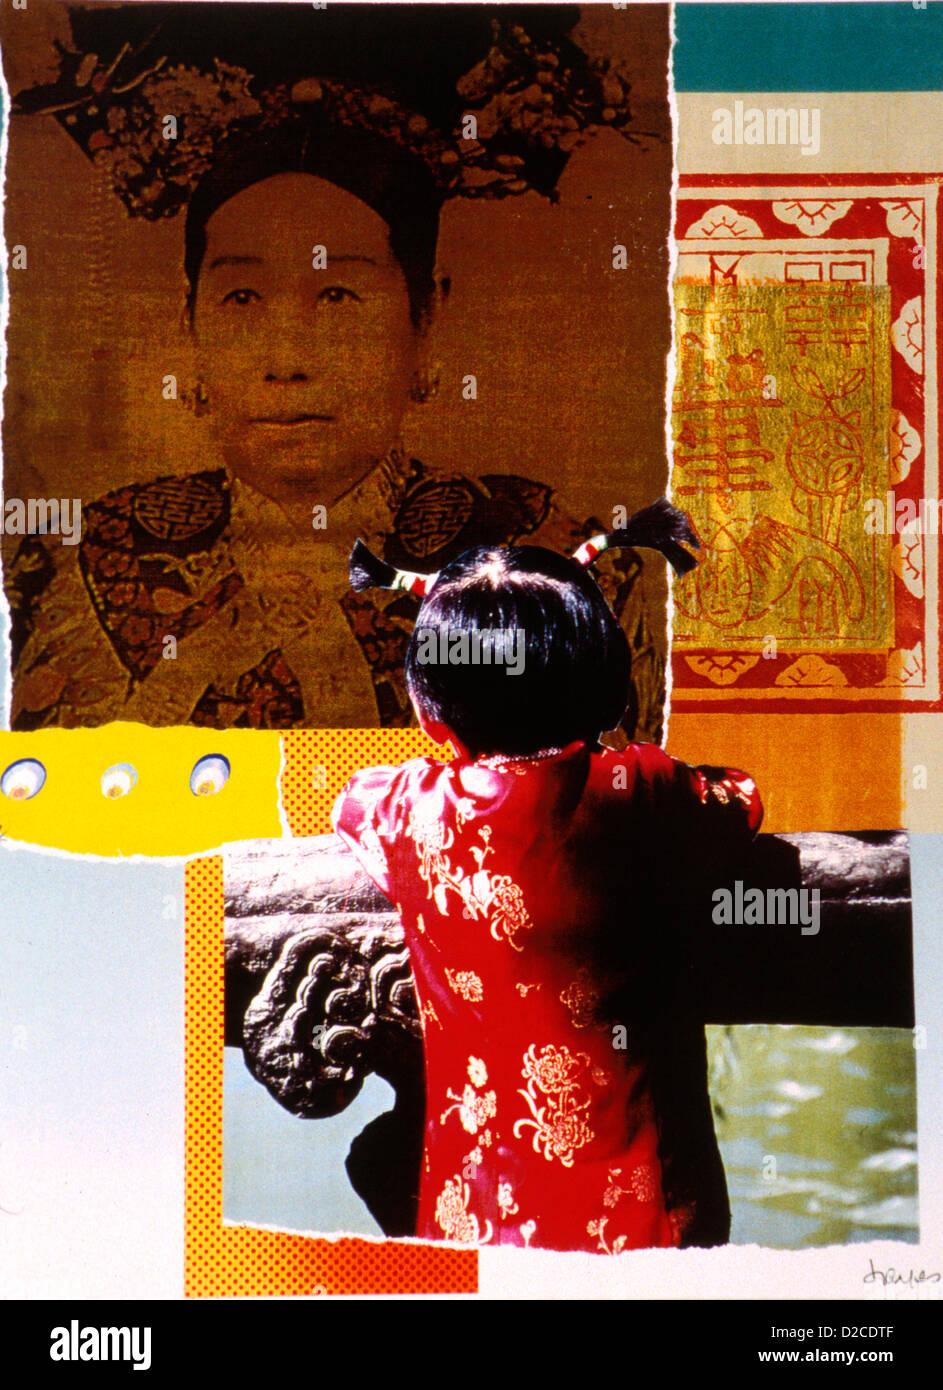 L'Impératrice douairière. Collage Photo. Photo Stock